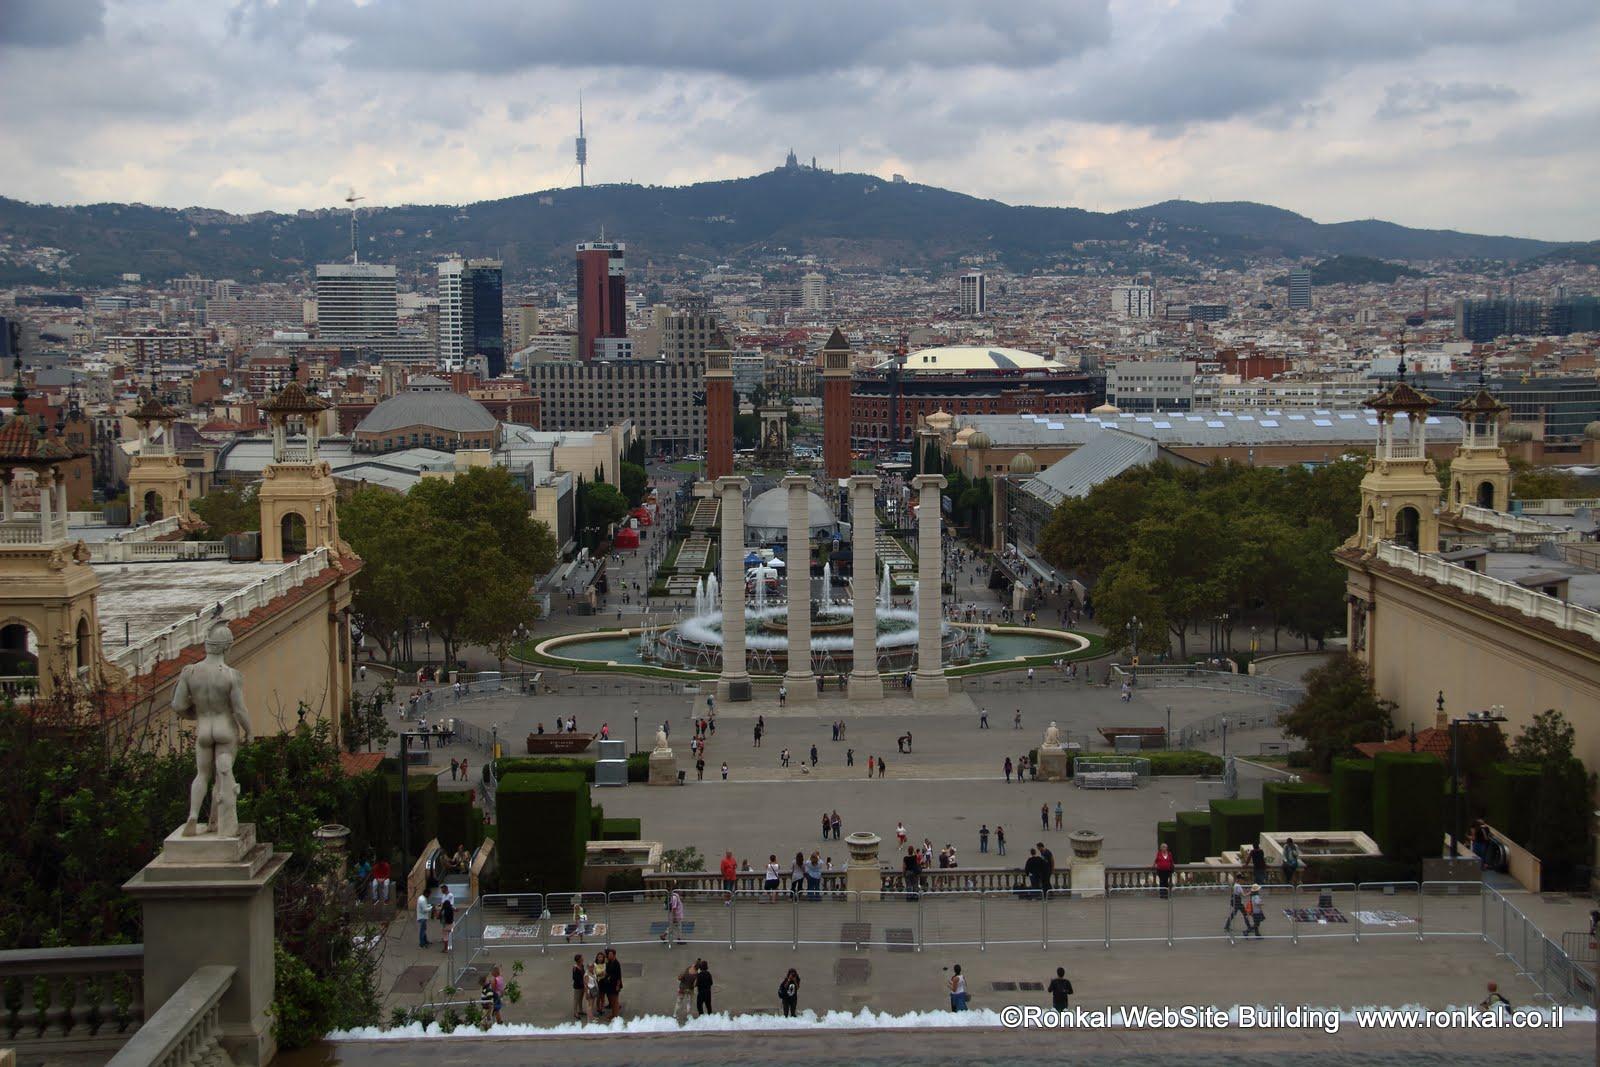 המוזיאון הלאומי והמזרקה המזמרת בככר איספניול ברצלונה